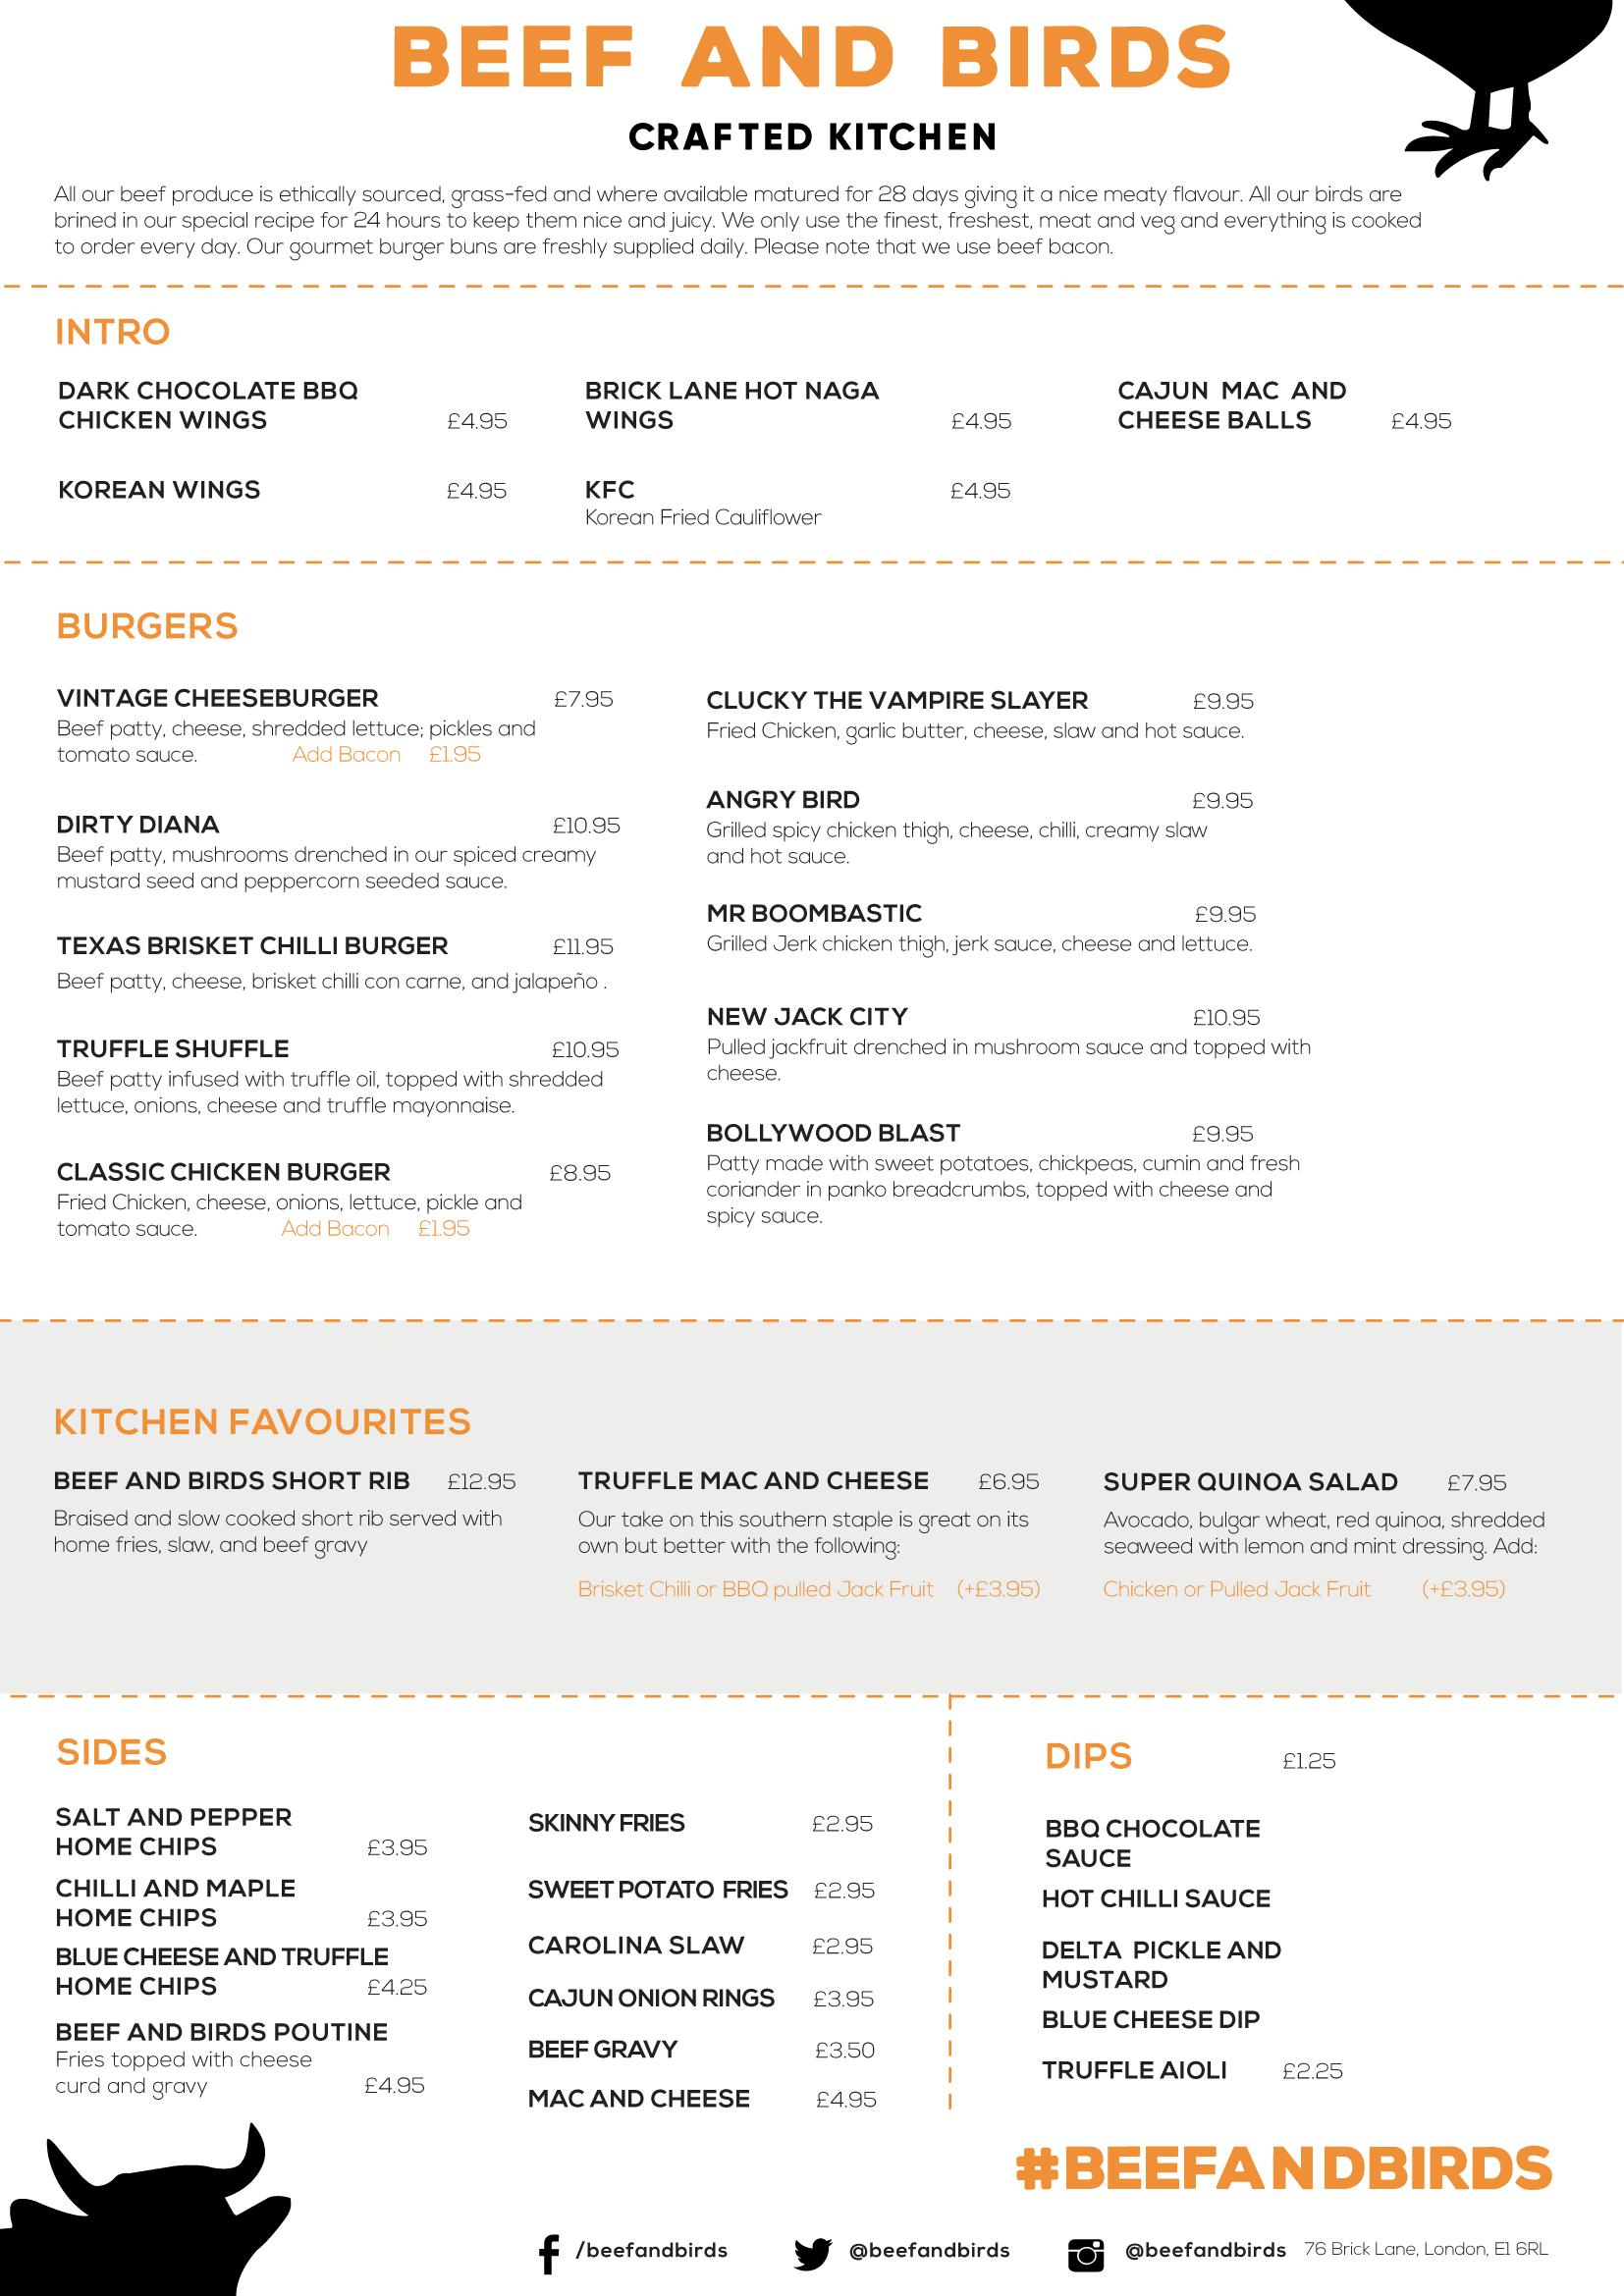 cuisinet Beef_Birds Menu_V51 copy.jpg